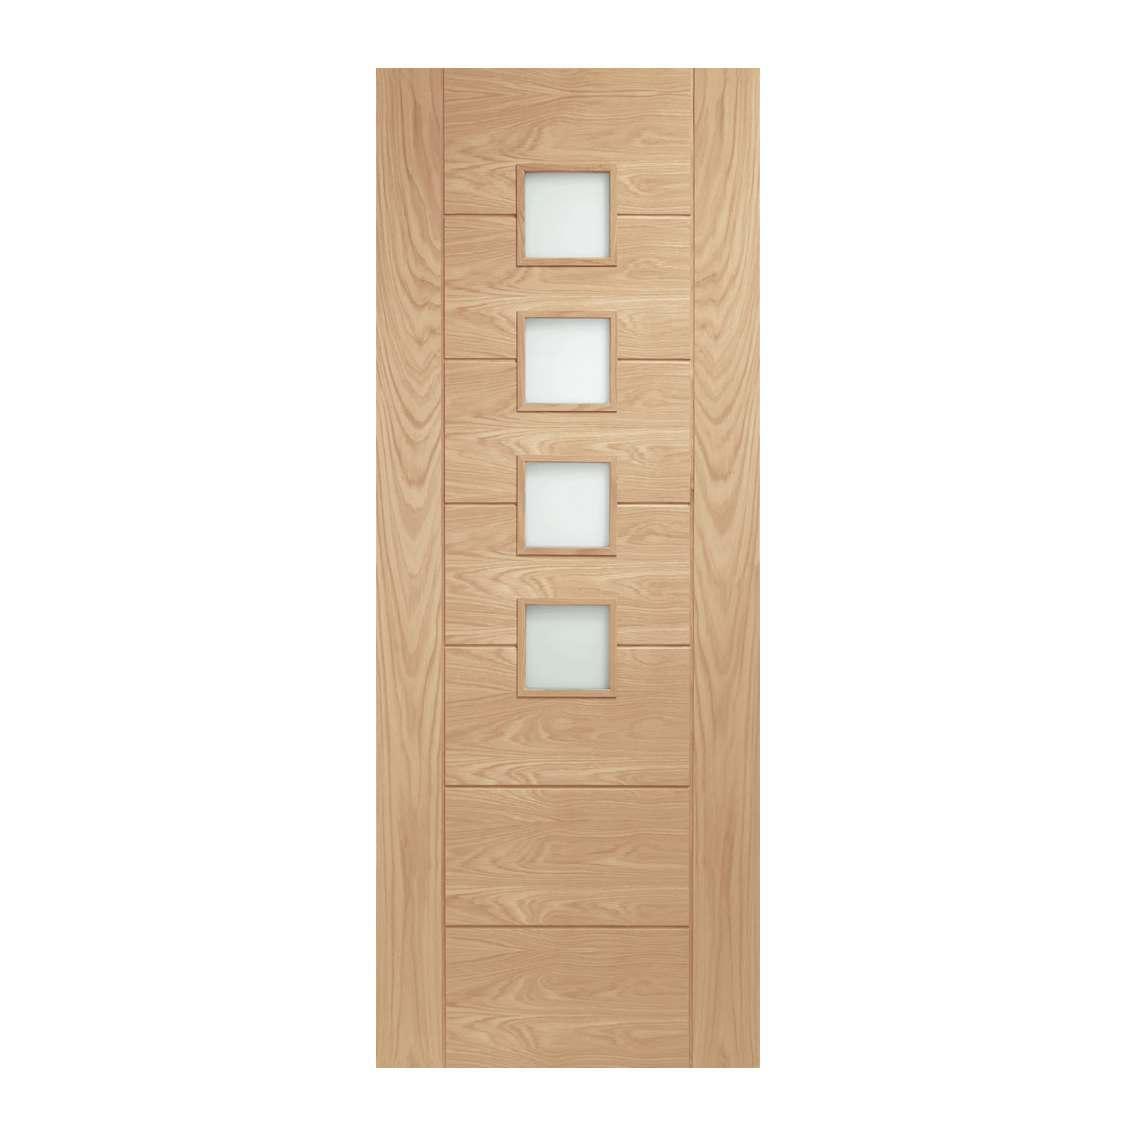 XL Joinery Palermo 1981mm x 762mm Obscure Glazed Internal Oak Door Pre-finished